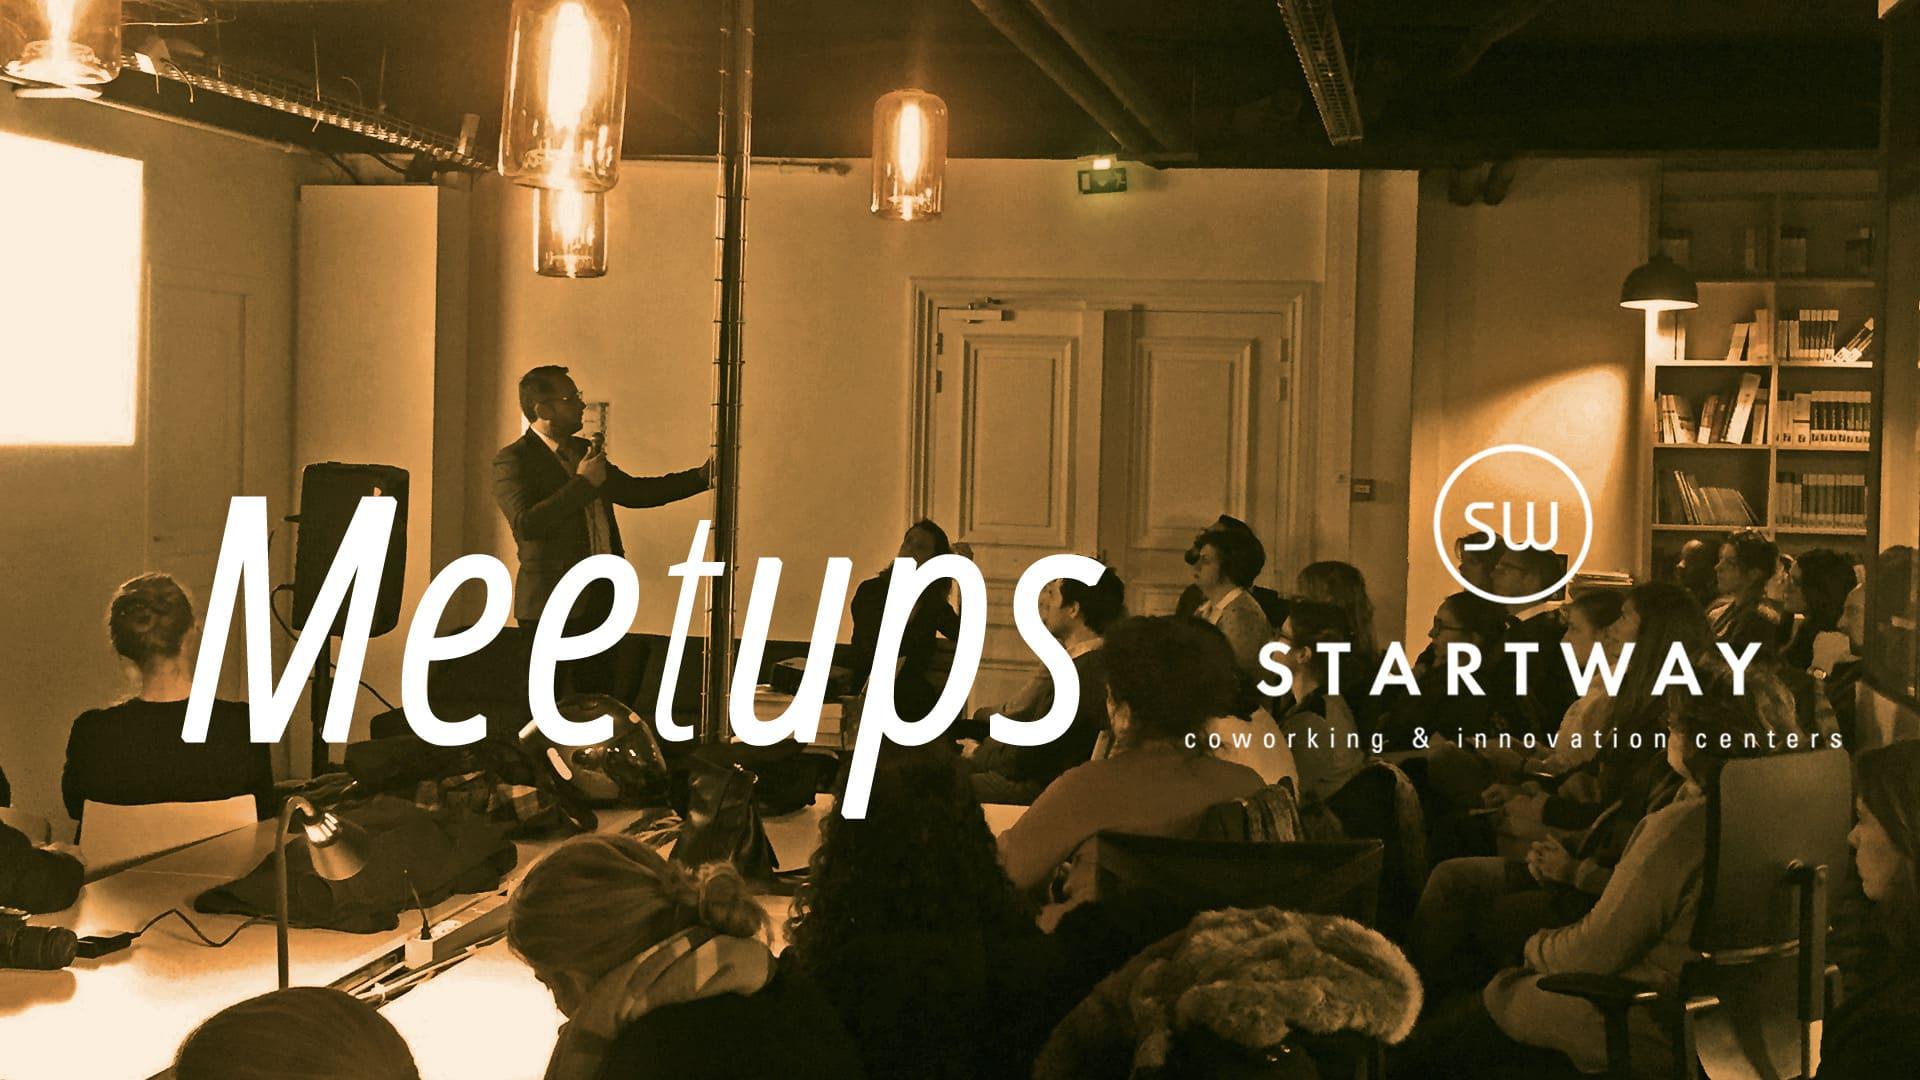 meetup Paris espace de coworking Startway